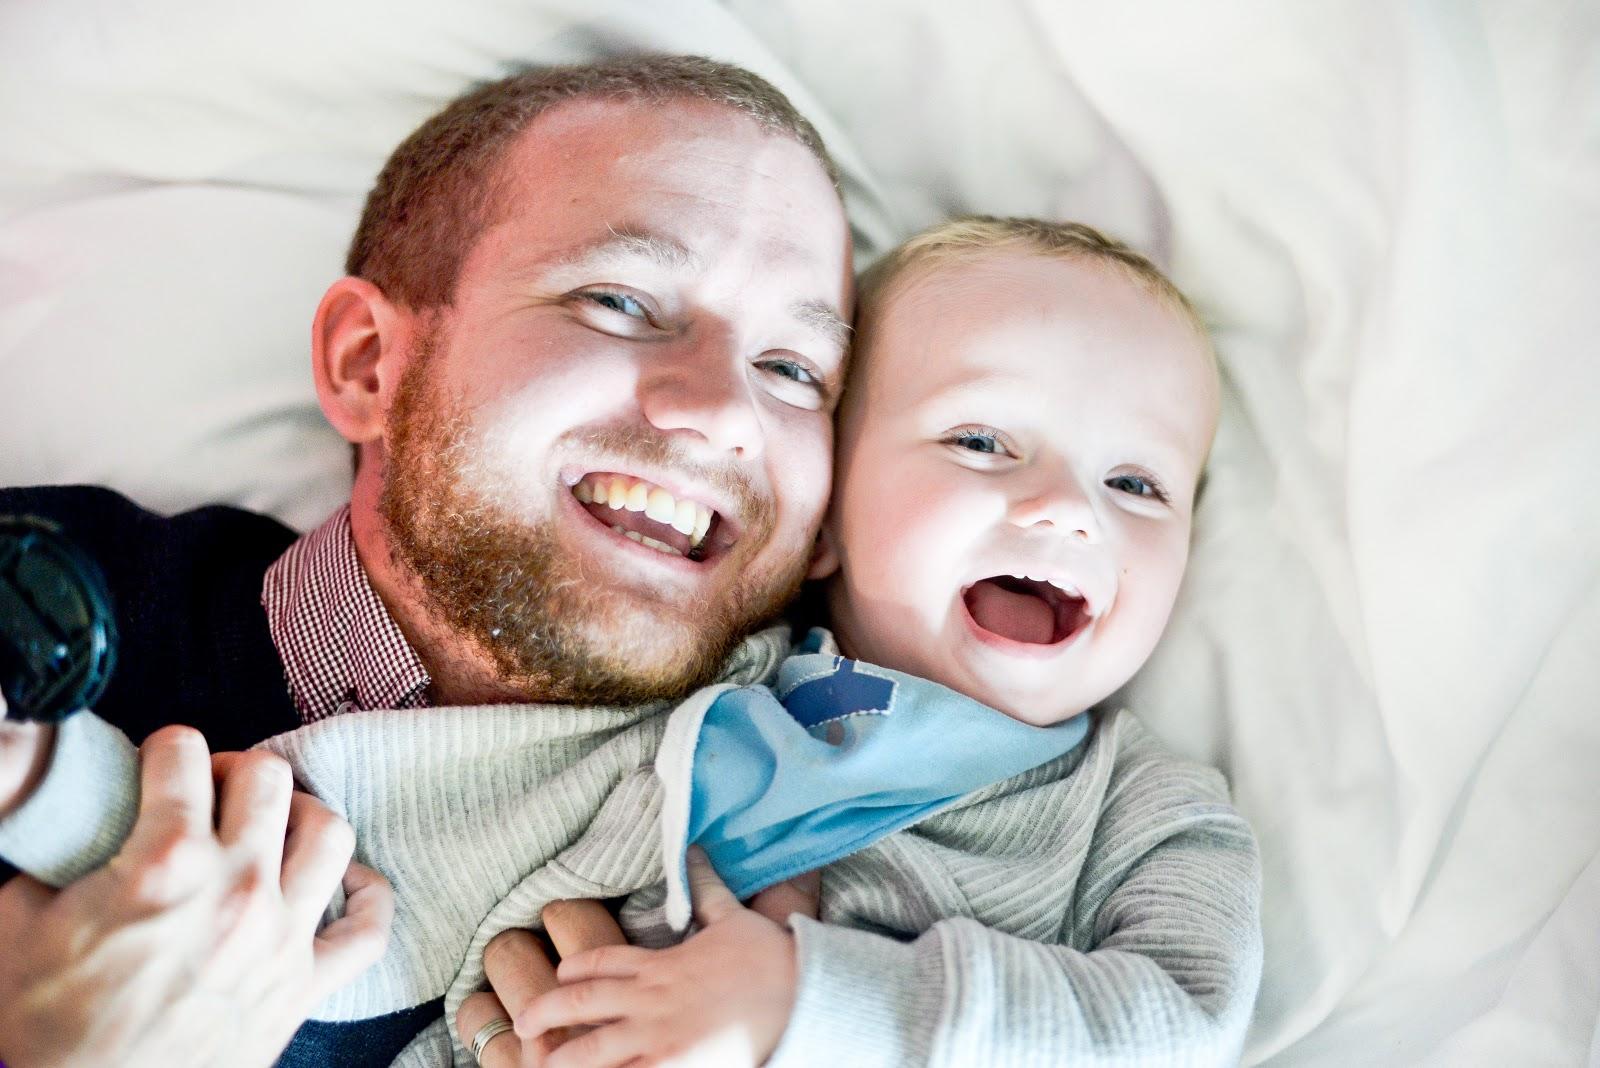 Butlins bognor regis just for tots review, butlins, butlins bognor regis, just for tots, uk holiday for kids under 5,